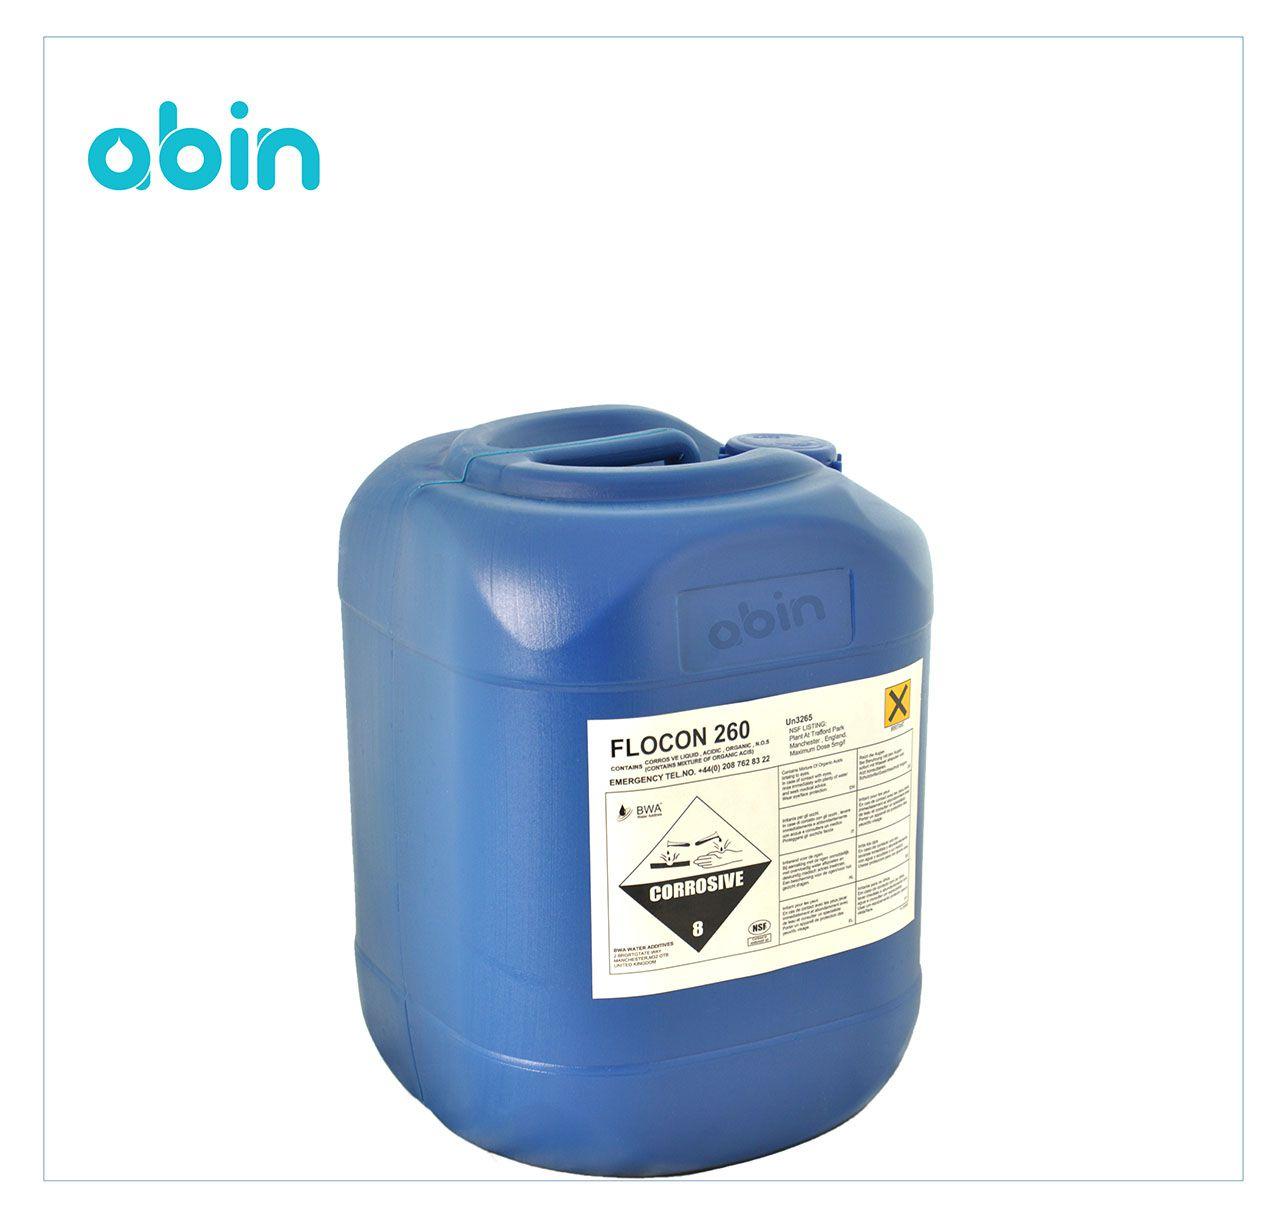 آنتی اسکالانت فلوکن 260- 20 کیلوگرمی (FLOCON)